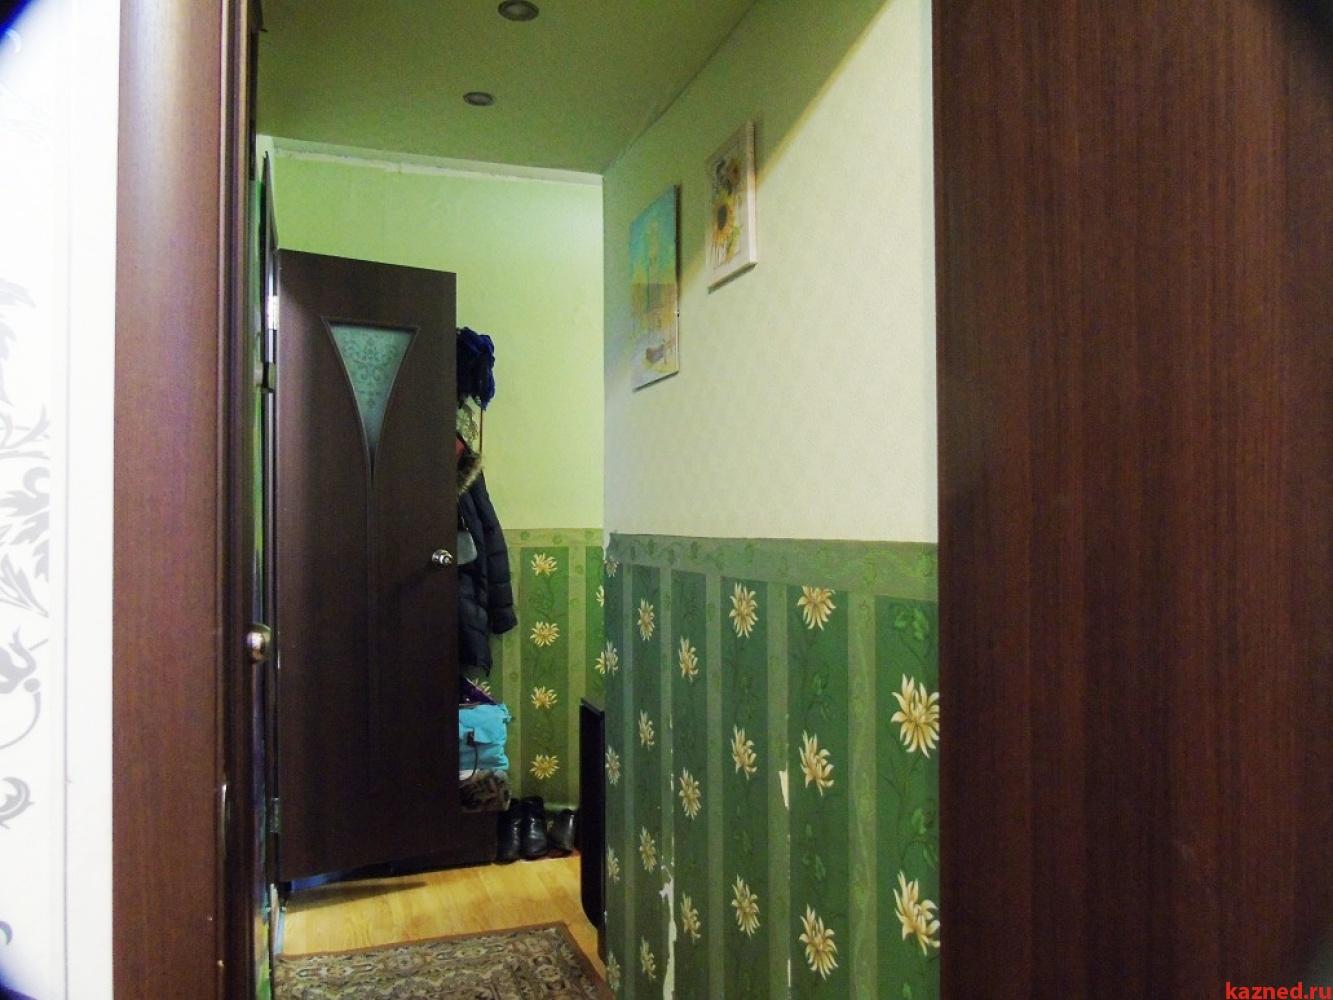 Продажа 2-к квартиры Амирхана, 83, 52 м² (миниатюра №9)